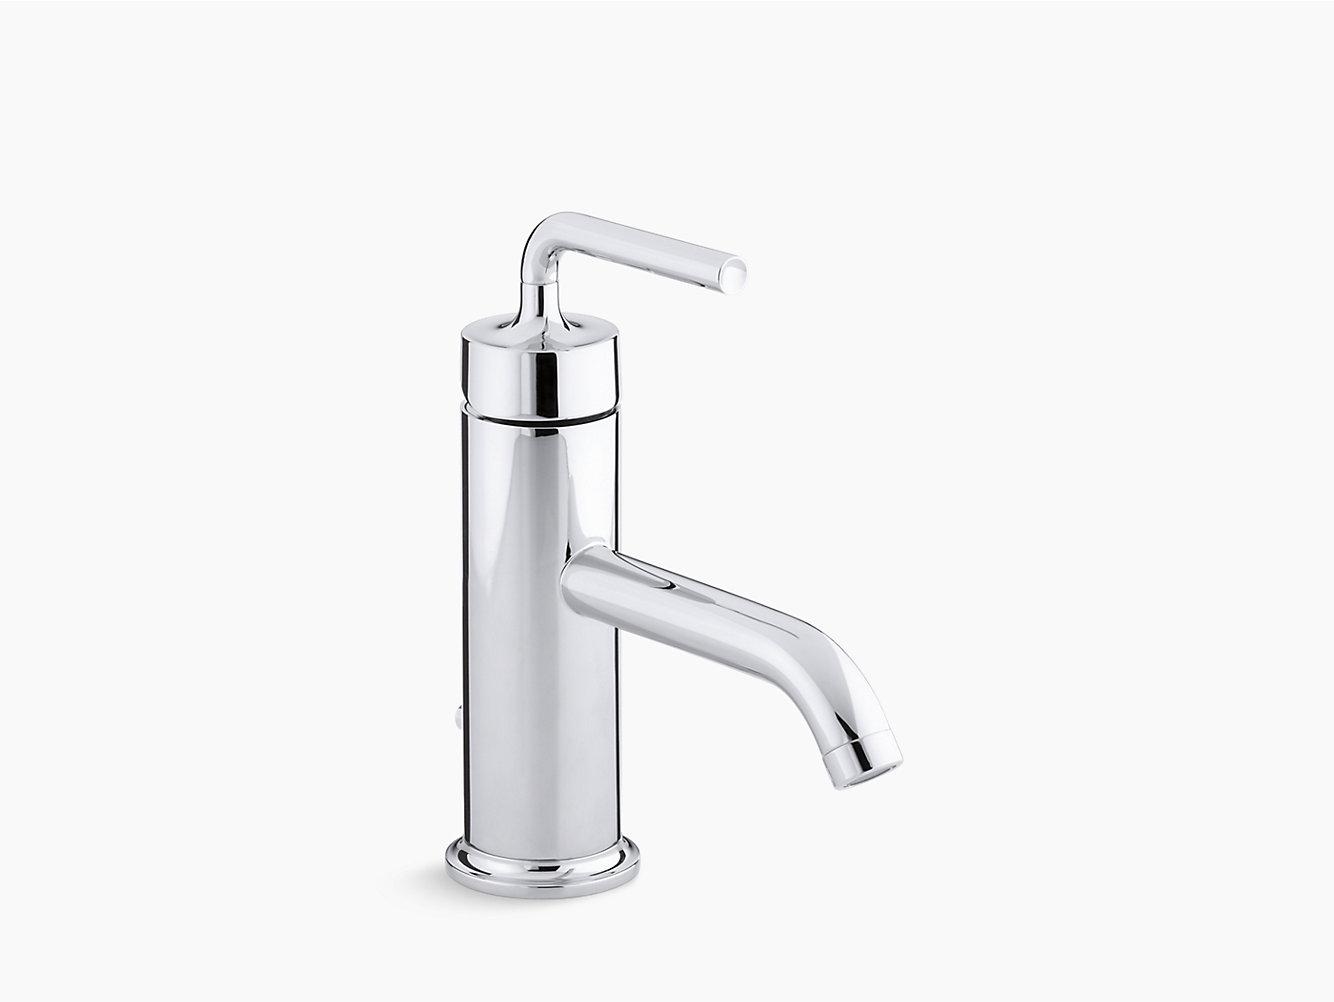 KOHLER | 14402M-4A | Llave para lavabo Purist de control monomando ...